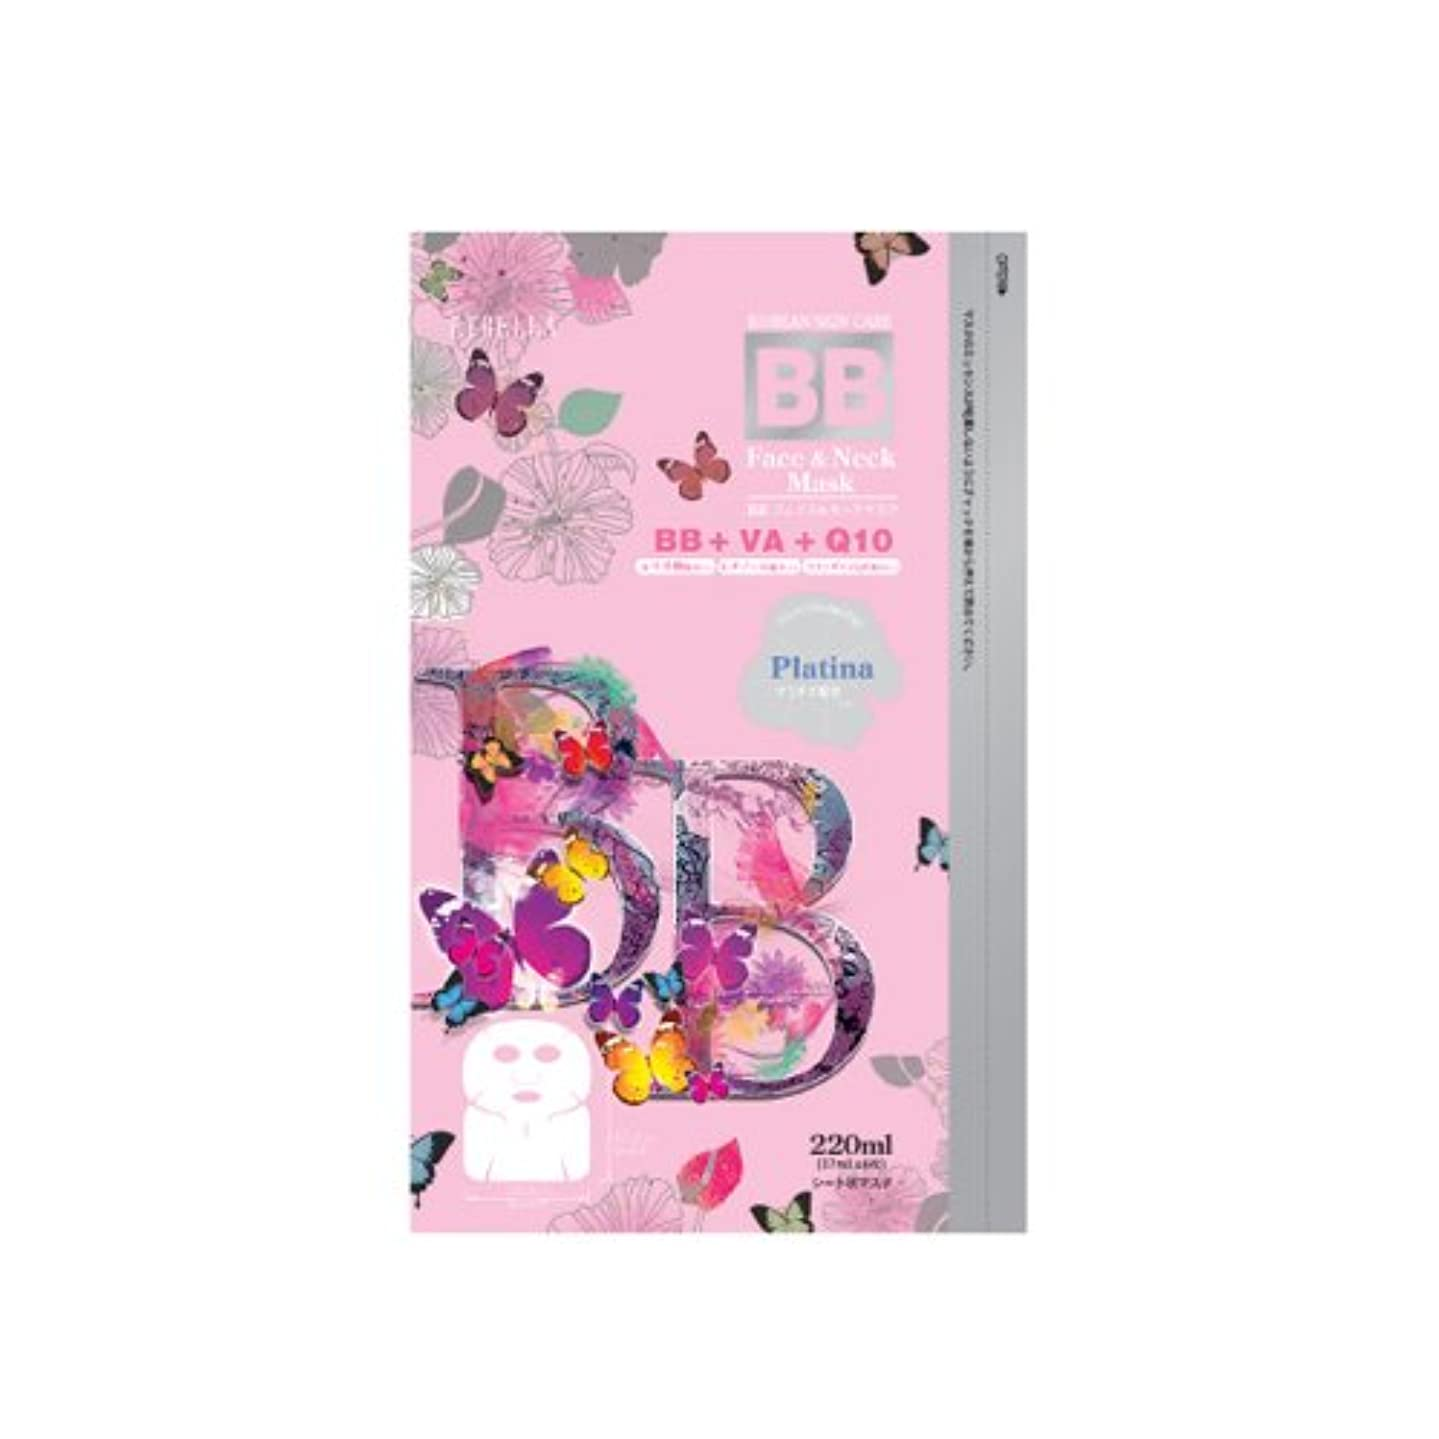 グリップハンディキャップお誕生日エトゥベラ BBフェイス&ネックマスク(プラチナ) 37ml×6枚